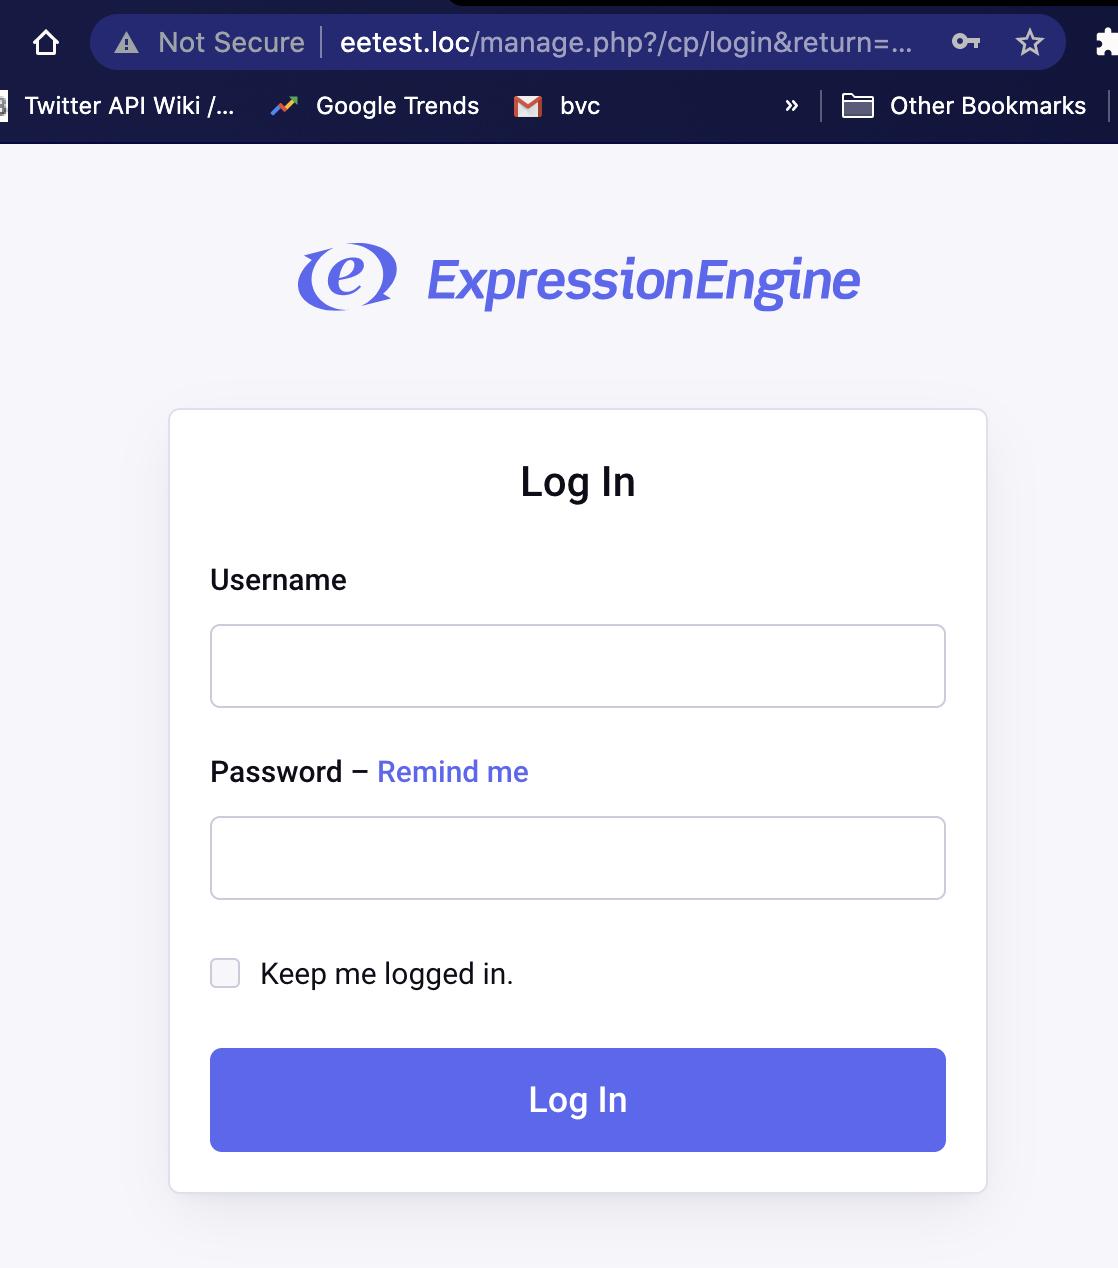 ExpressionEngine login screen